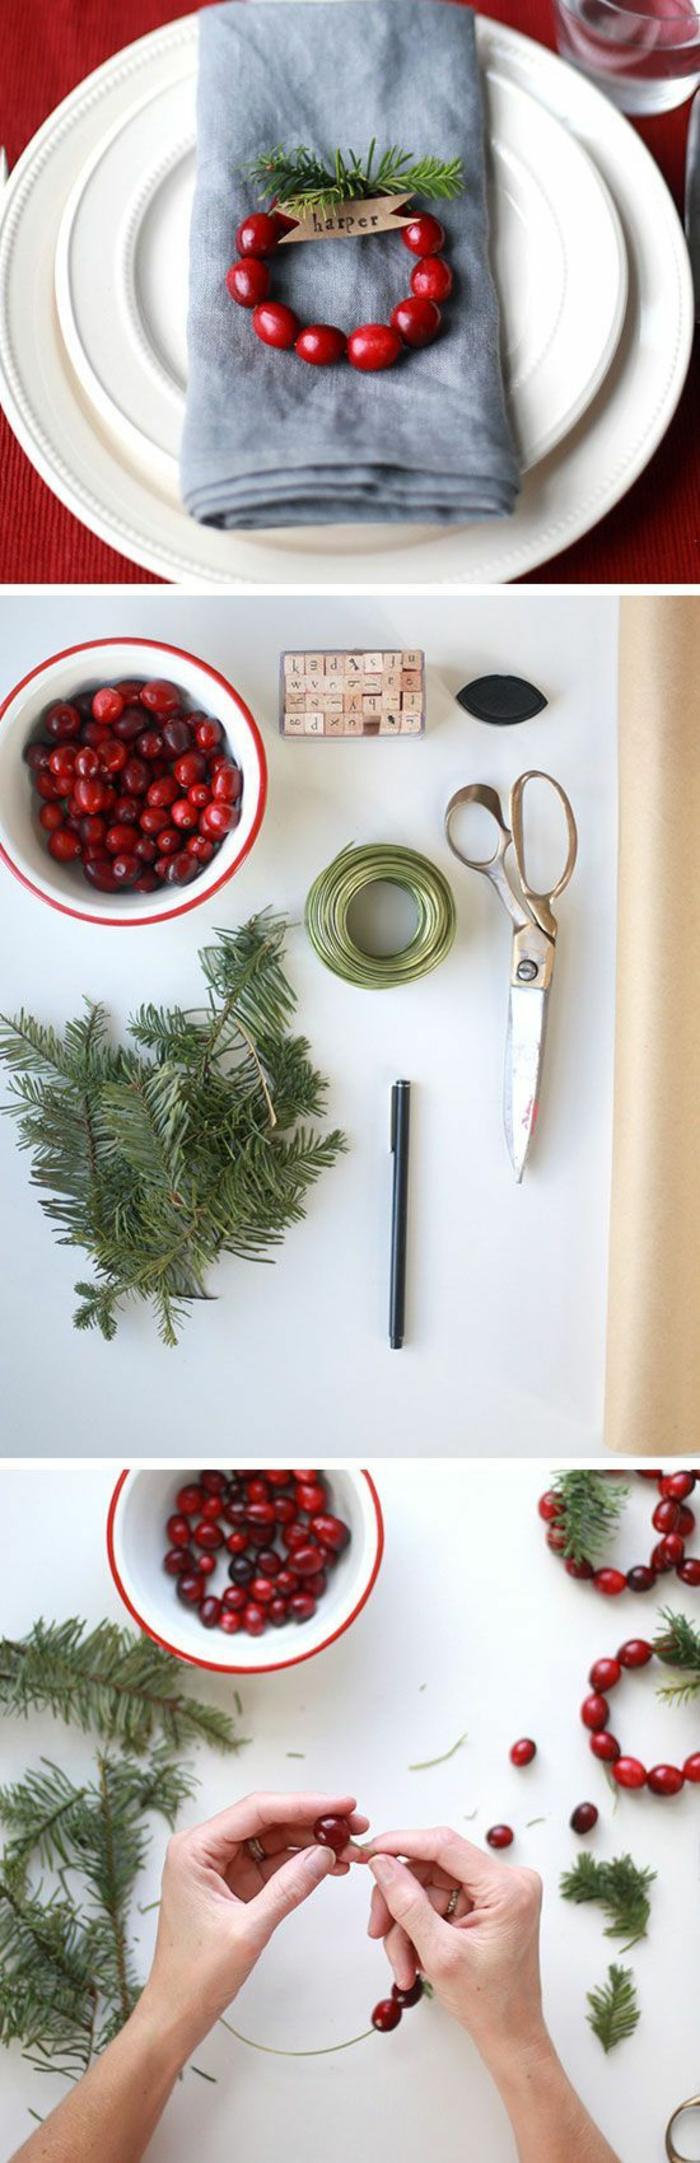 déco de noël à faire soi même facile, des marques places aux fruits minuscules rouges et des branches de sapin, déco pour poser sur la serviette sur l'assiette des invités